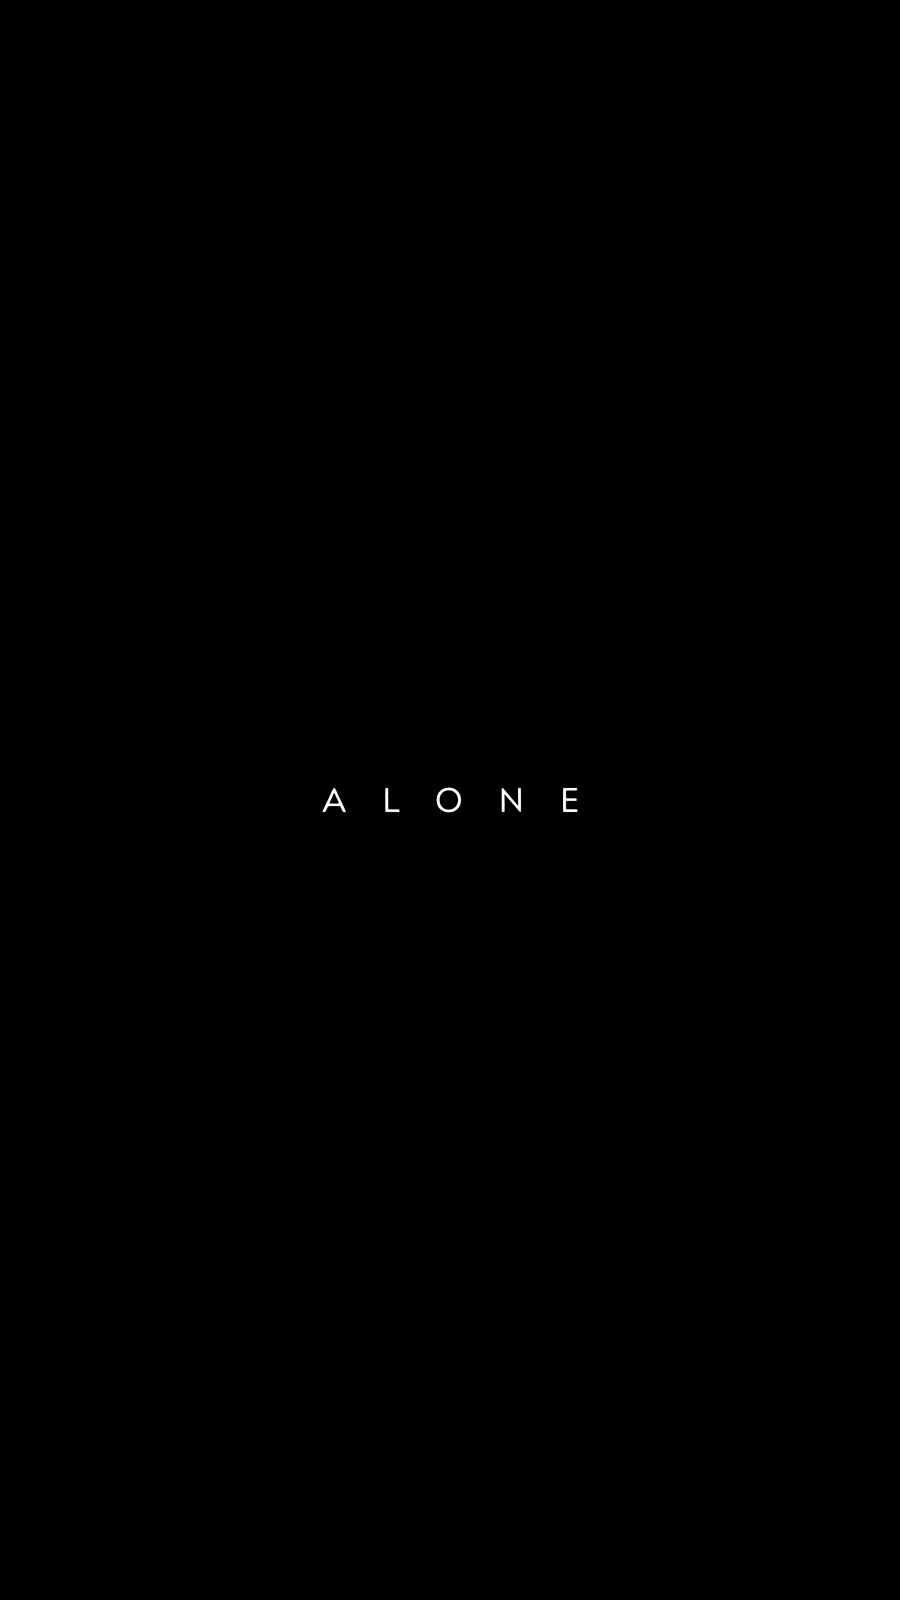 Alone Wallpaper